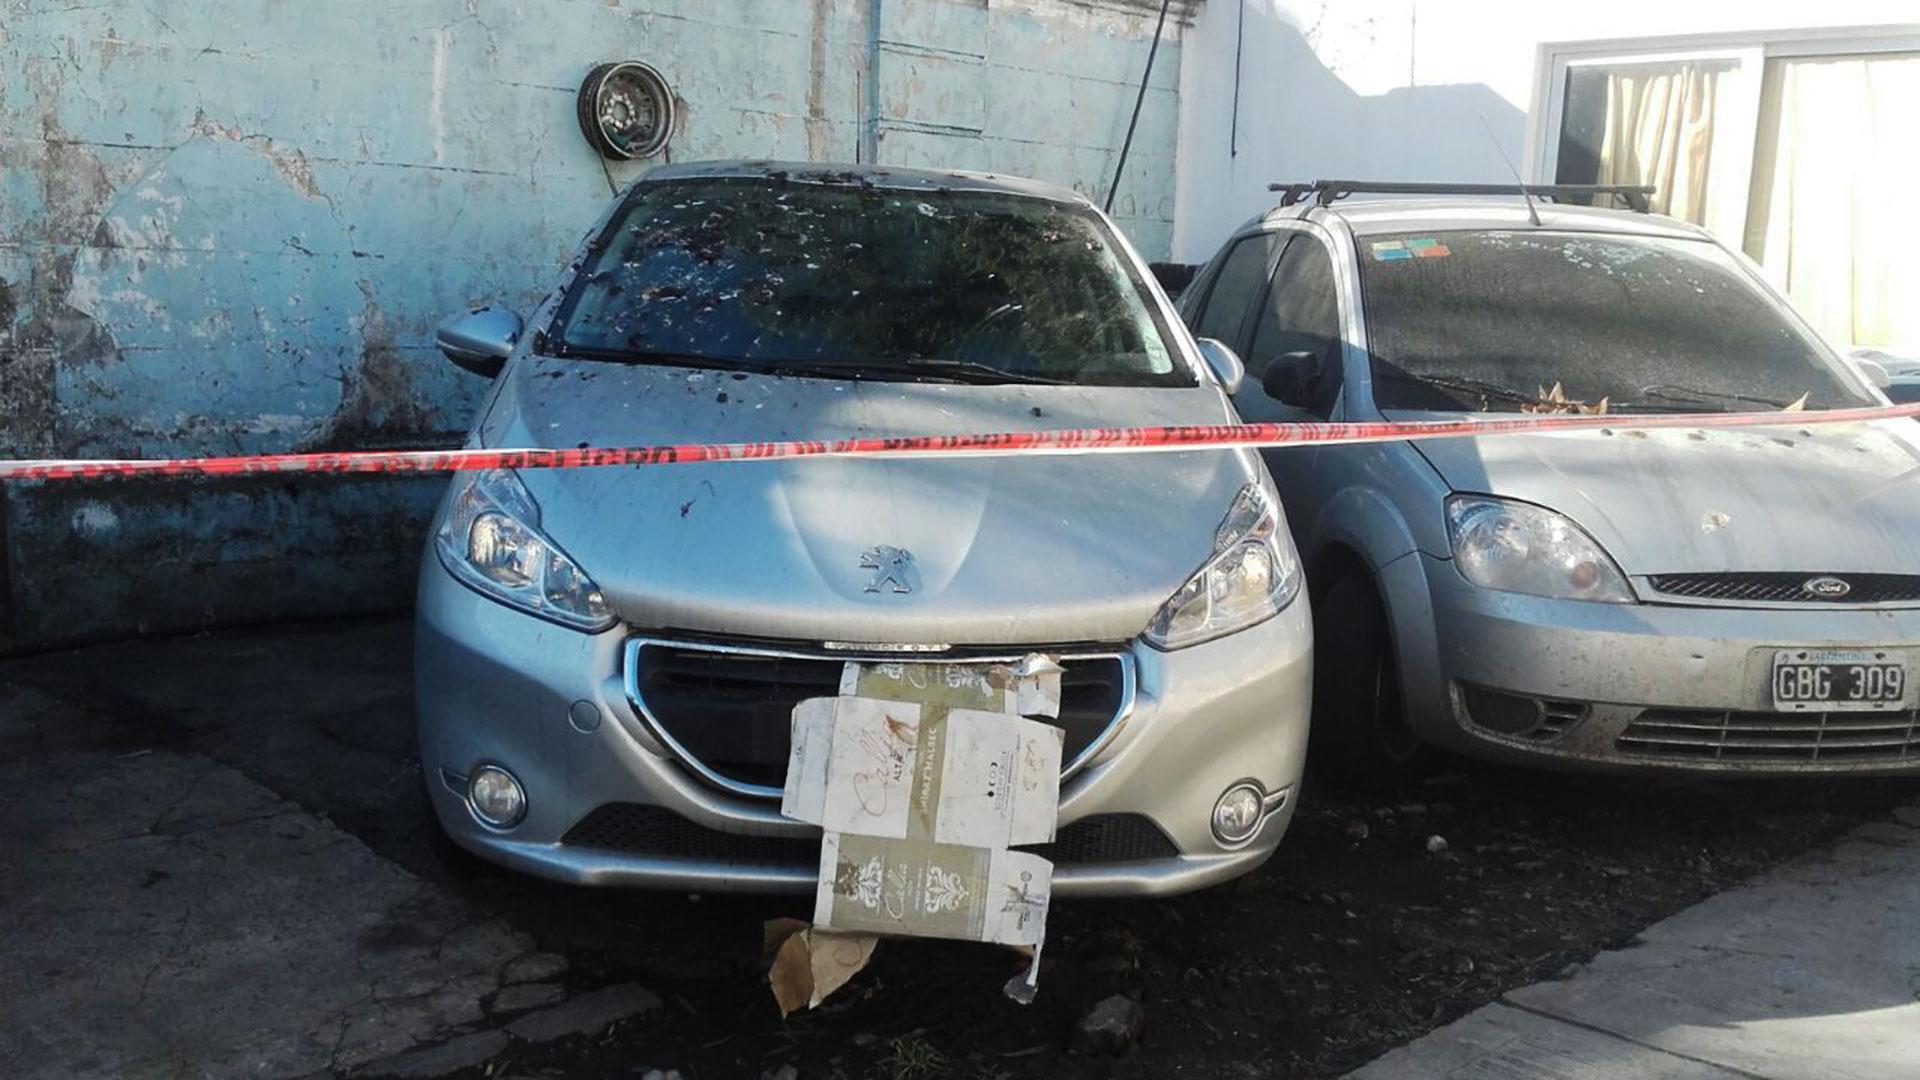 El dueño de un Peugeot 208 robado fue testigo este viernes de un macabro hallazgo cuando fue a un playón policial a retirar el vehículo y encontró el cadáver de un hombre dentro del baúl